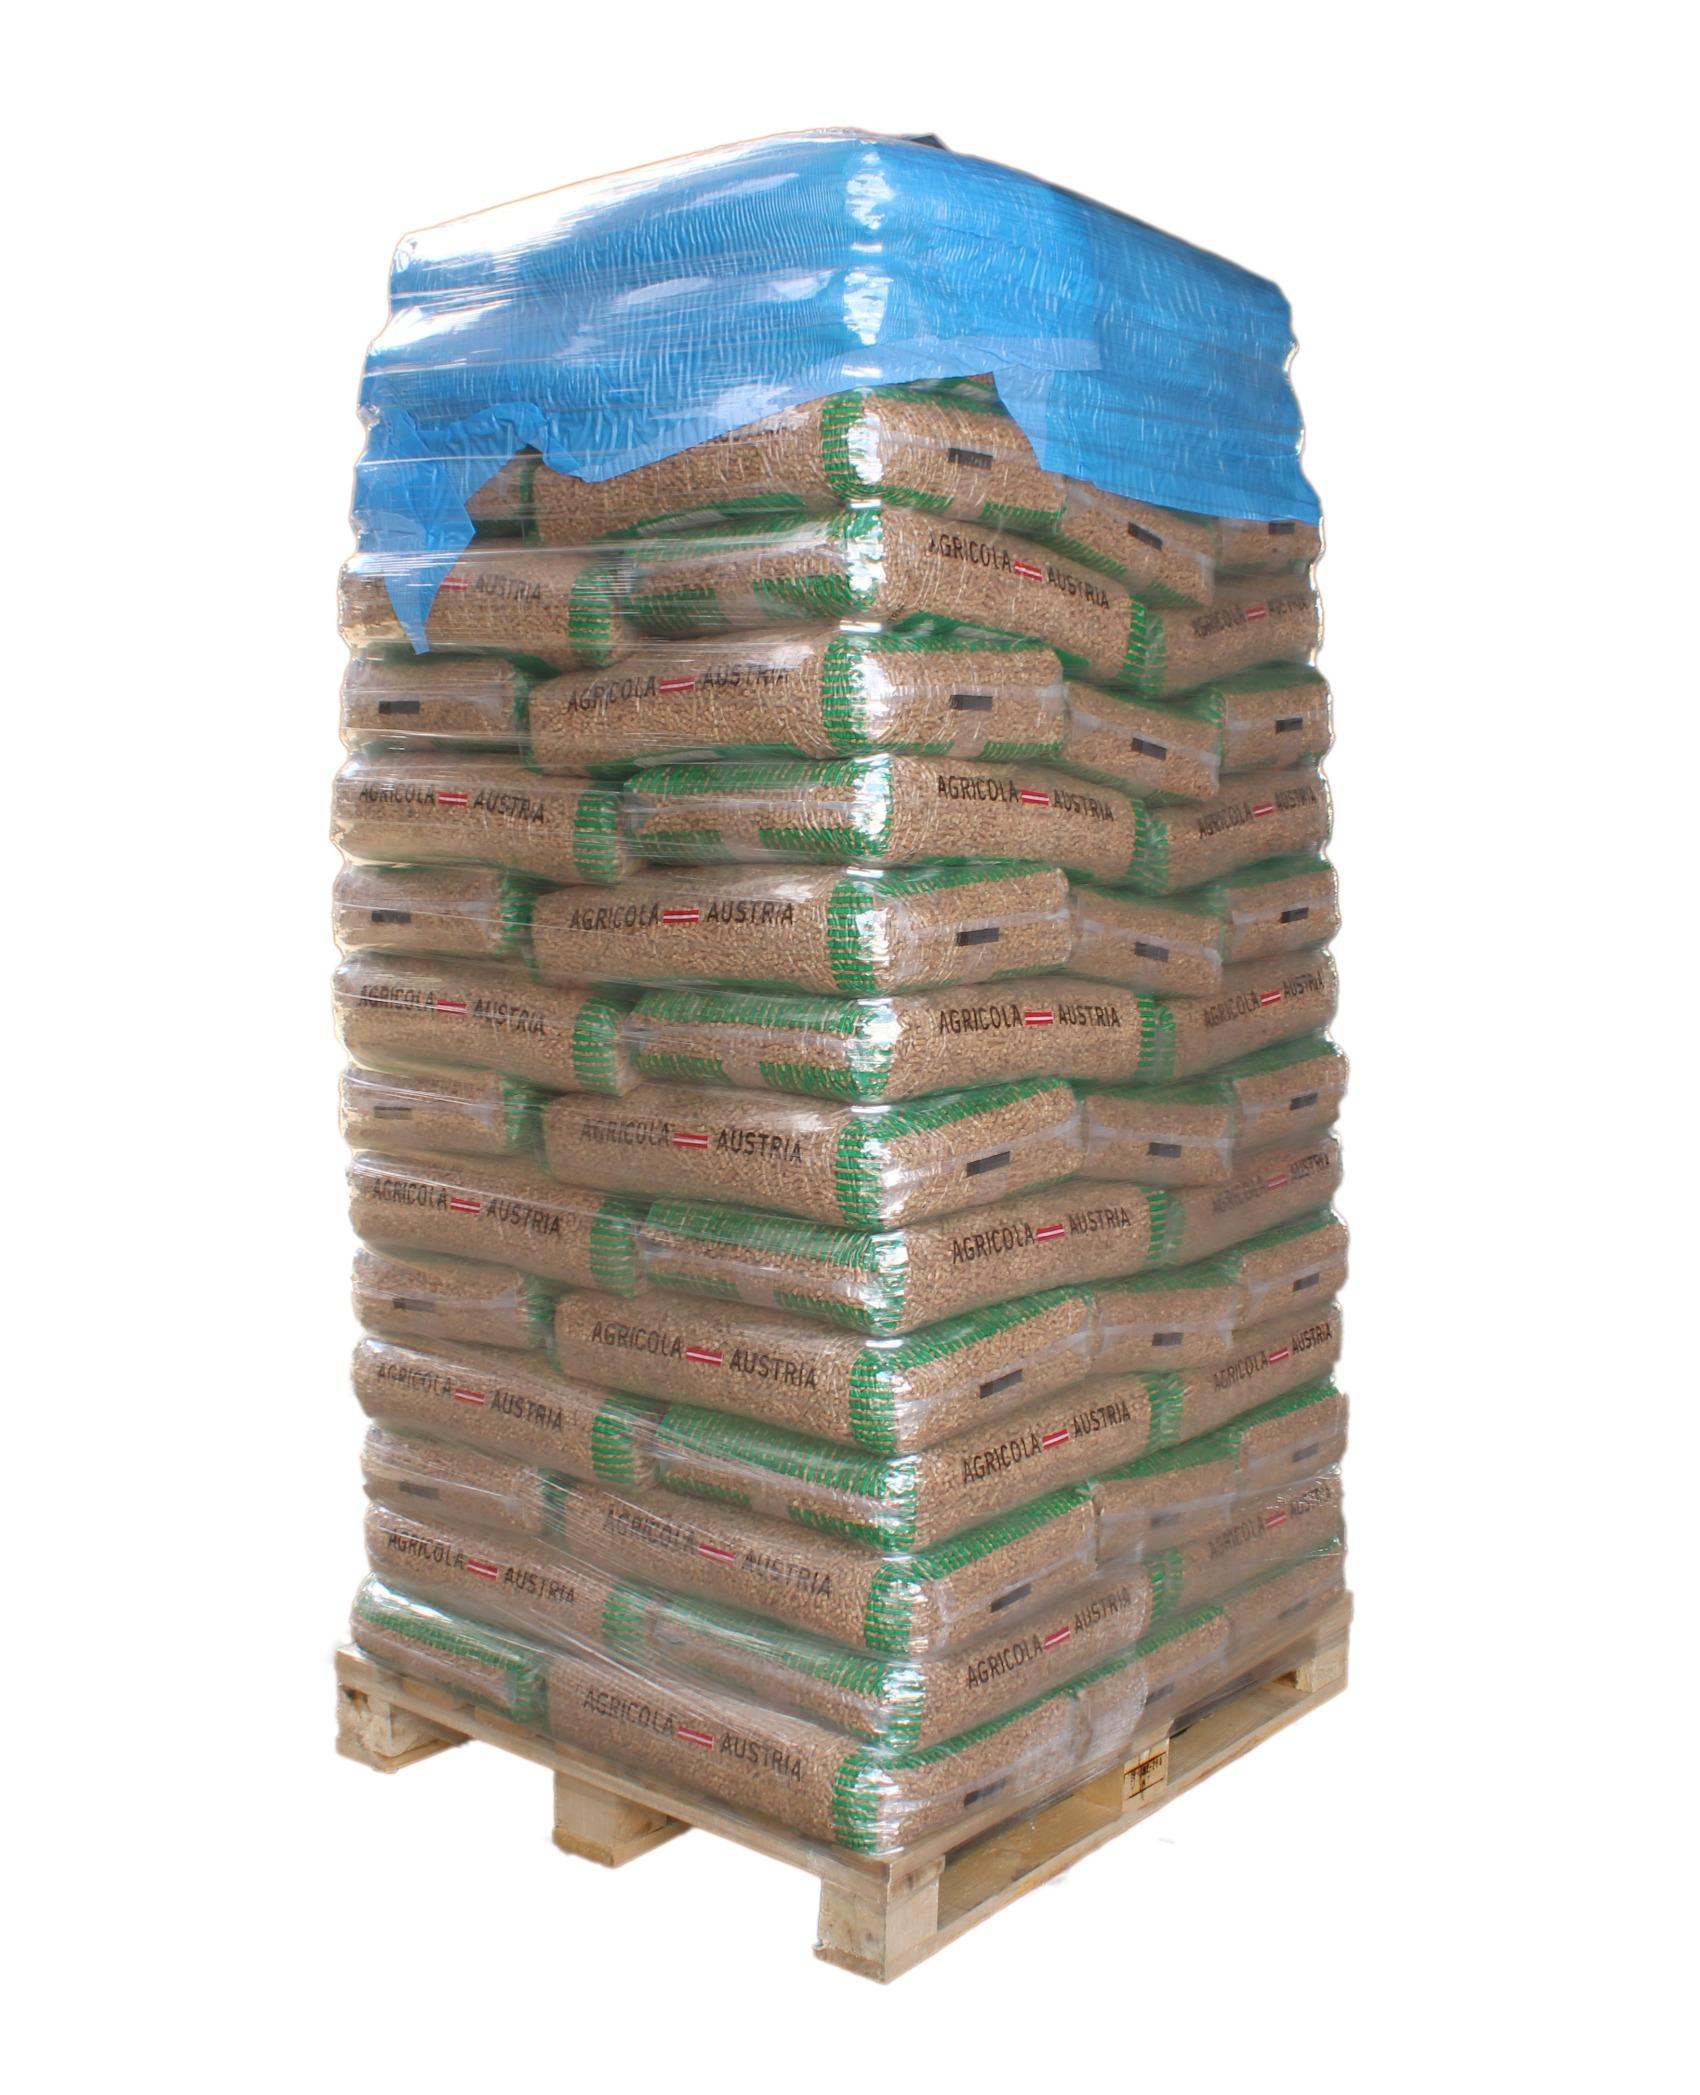 AKTIONS-Holzpellets Kiefer - 1.125kg